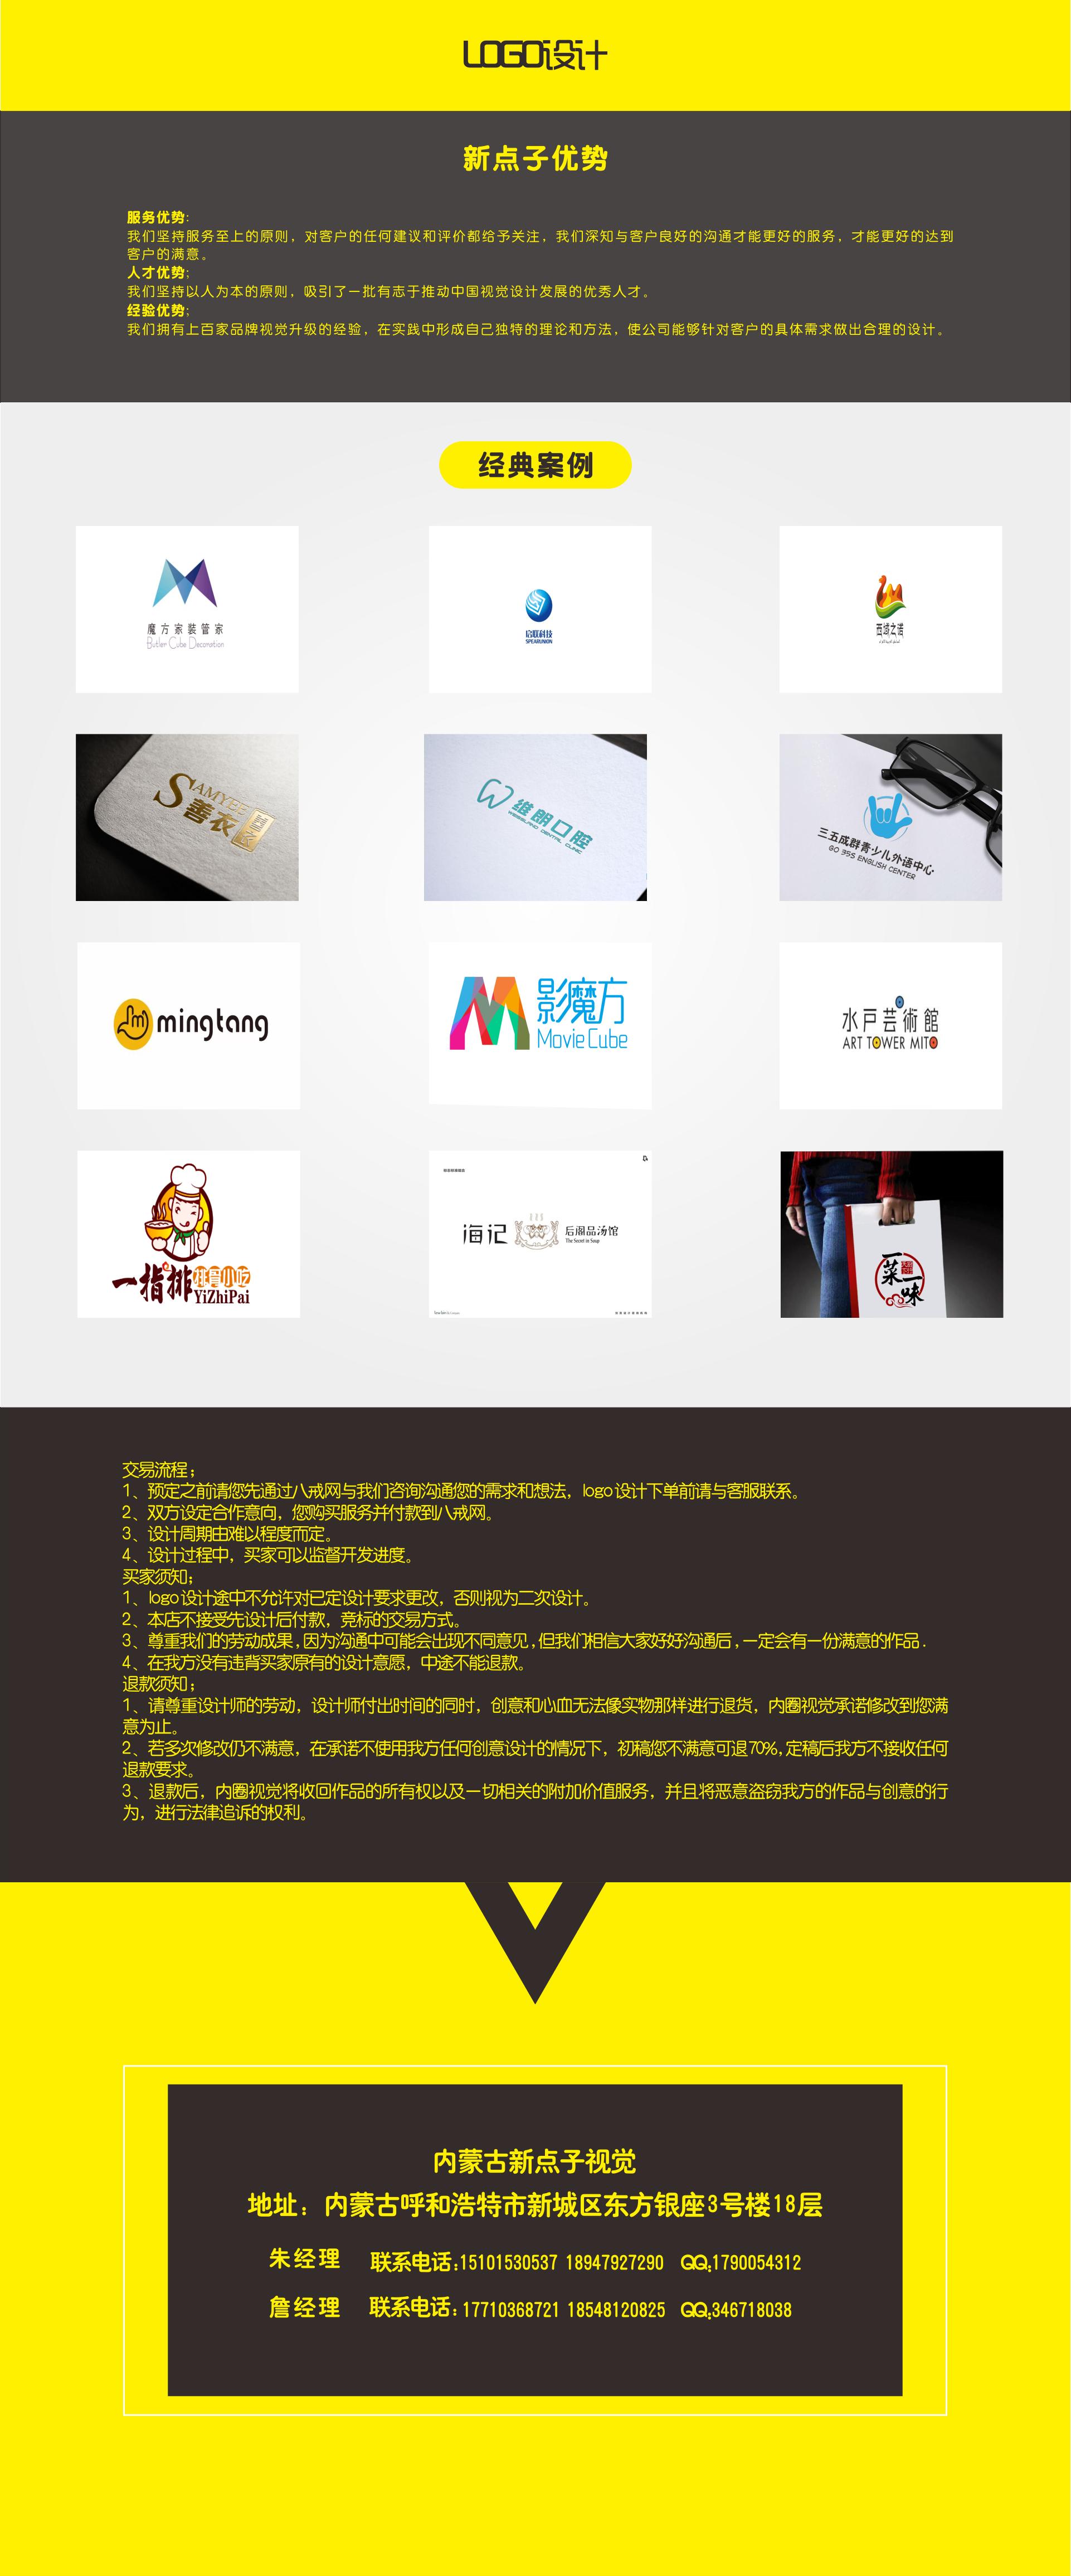 高端LOGO定制设计_商业logo设计  餐饮  娱乐logoo制作开业价199元1